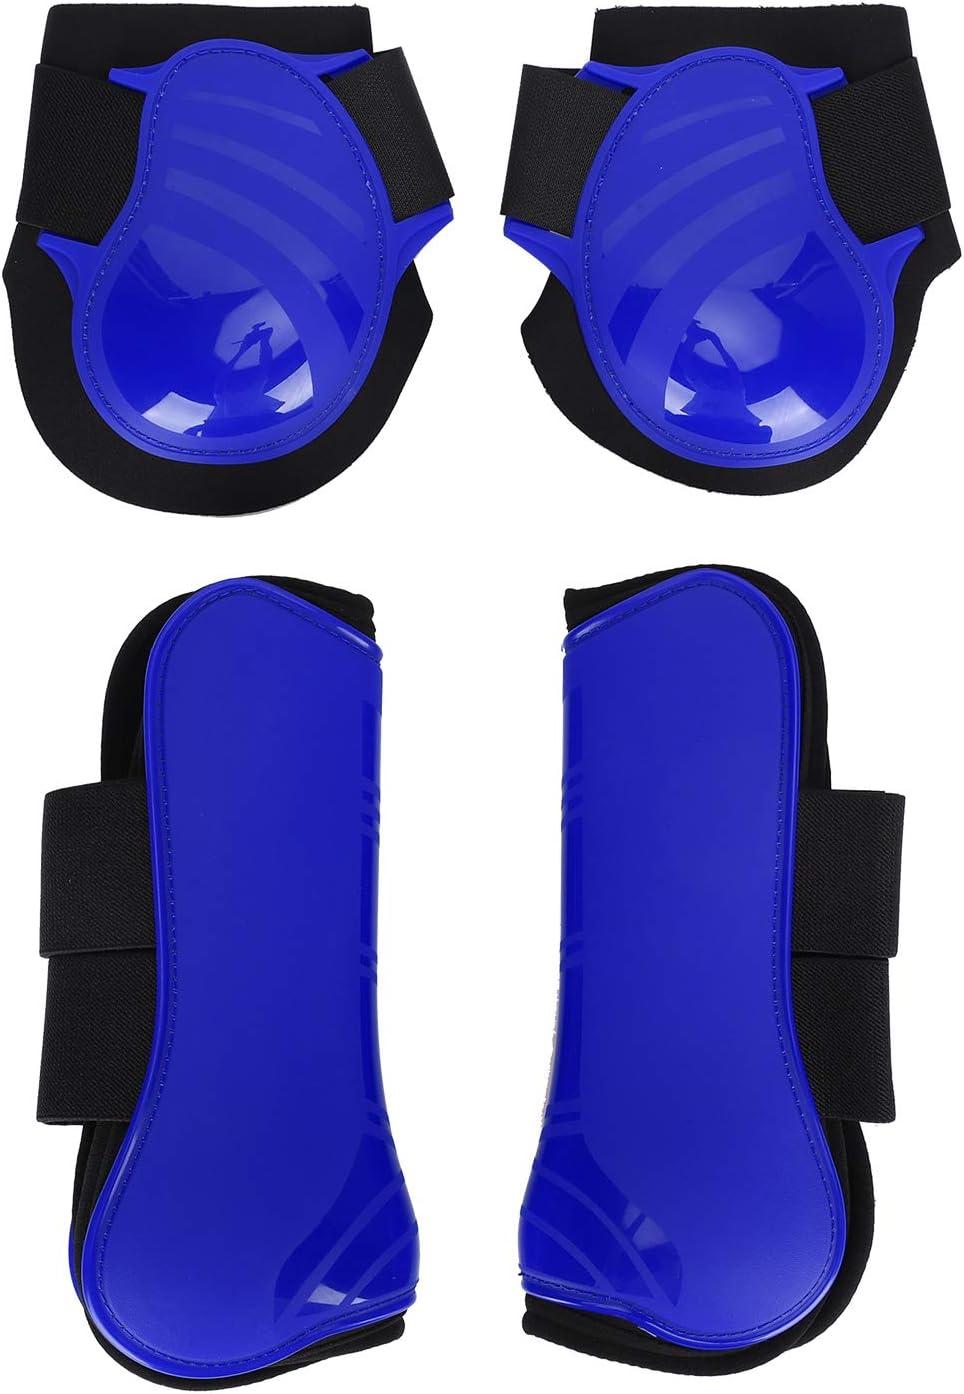 CHICIRIS Protector de Pierna de Caballo, Protector de Pierna de Caballo Engrosado, cómodo Material de PU con Carcasa de PU para Caballo(Blue, A Set of XL)